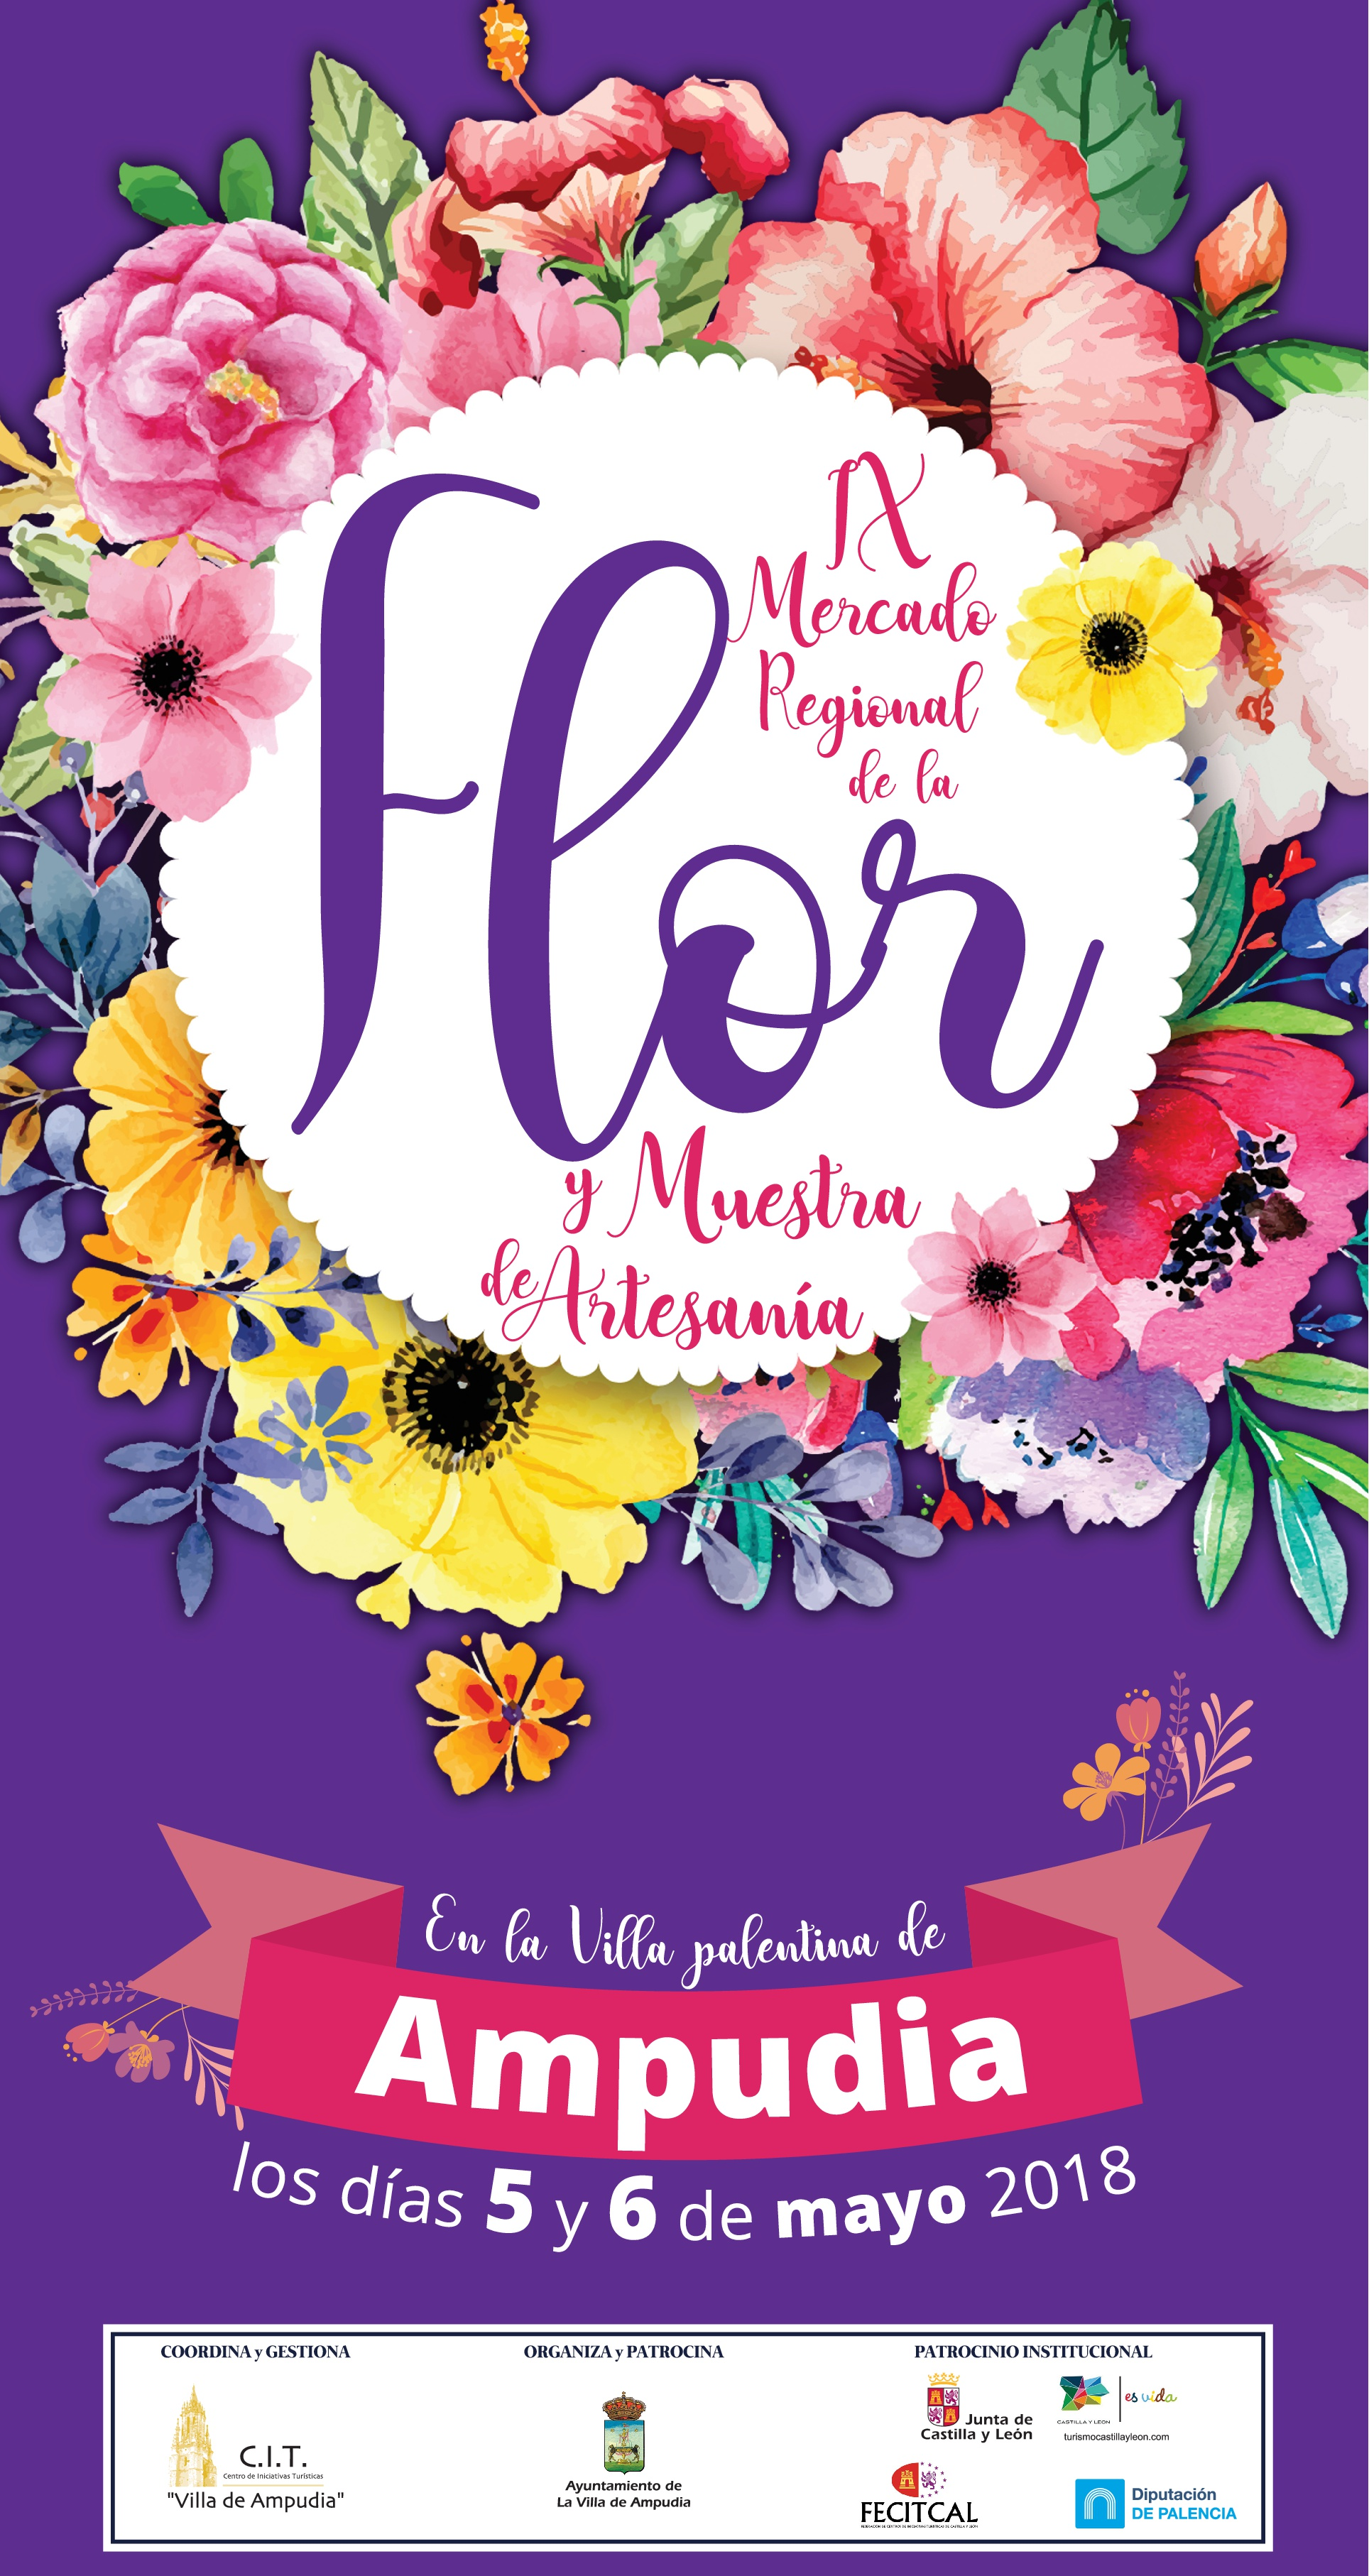 Mercado Regional de la Flor en Ampudia Palencia